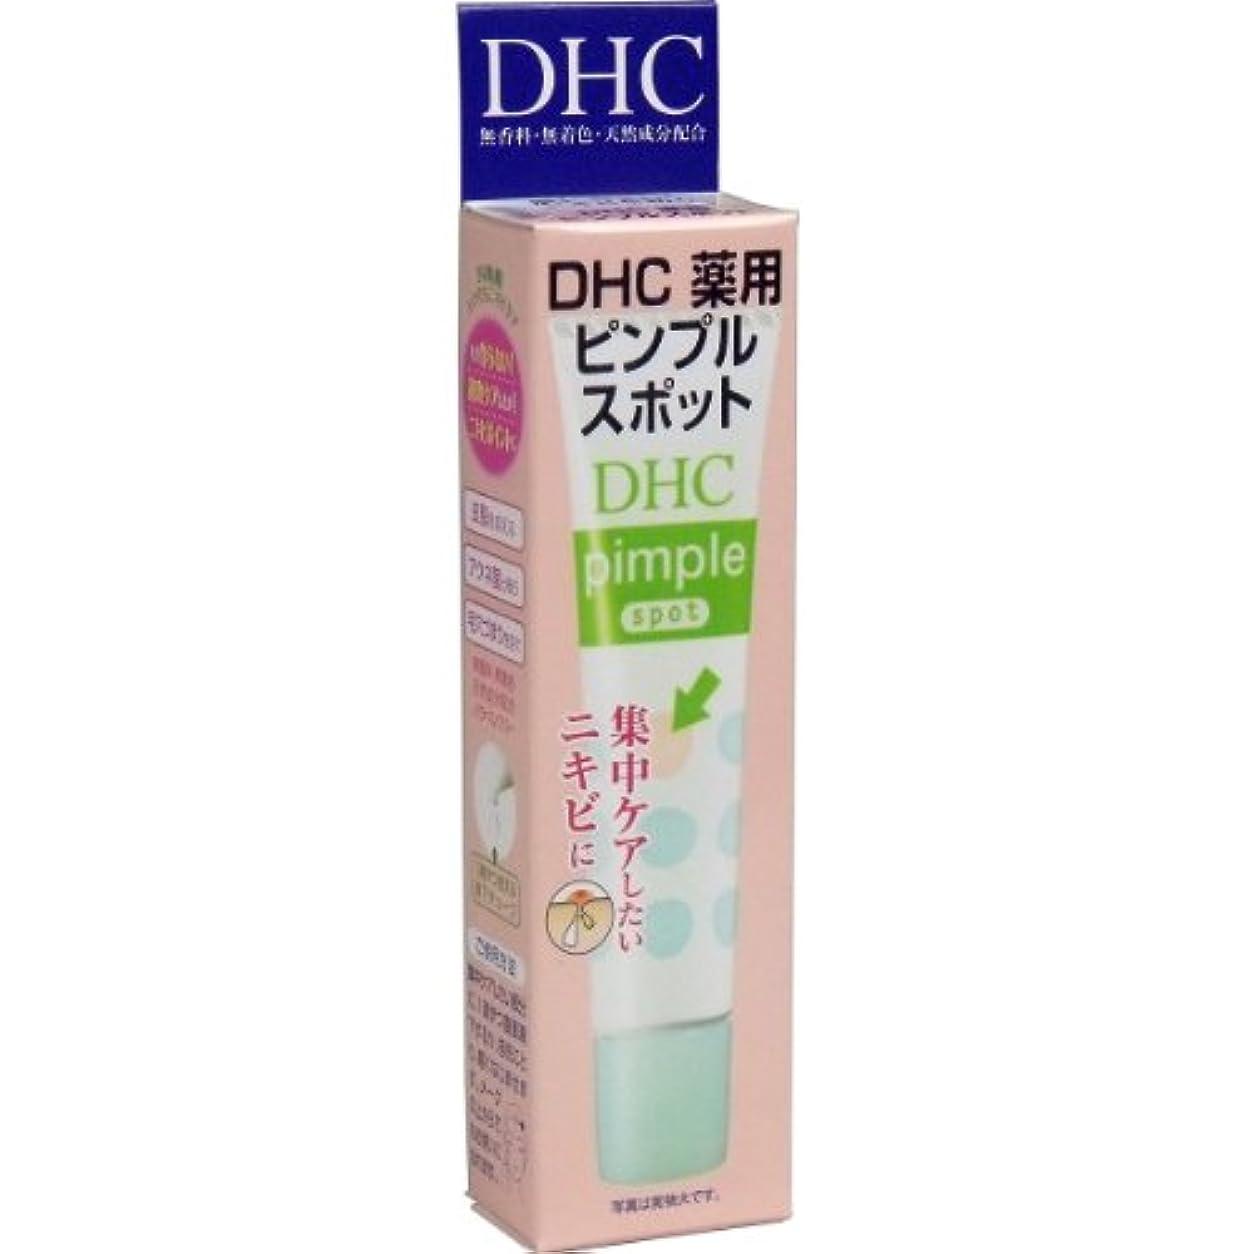 刈るランデブー変換DHC 薬用ピンプルスポット 15ml